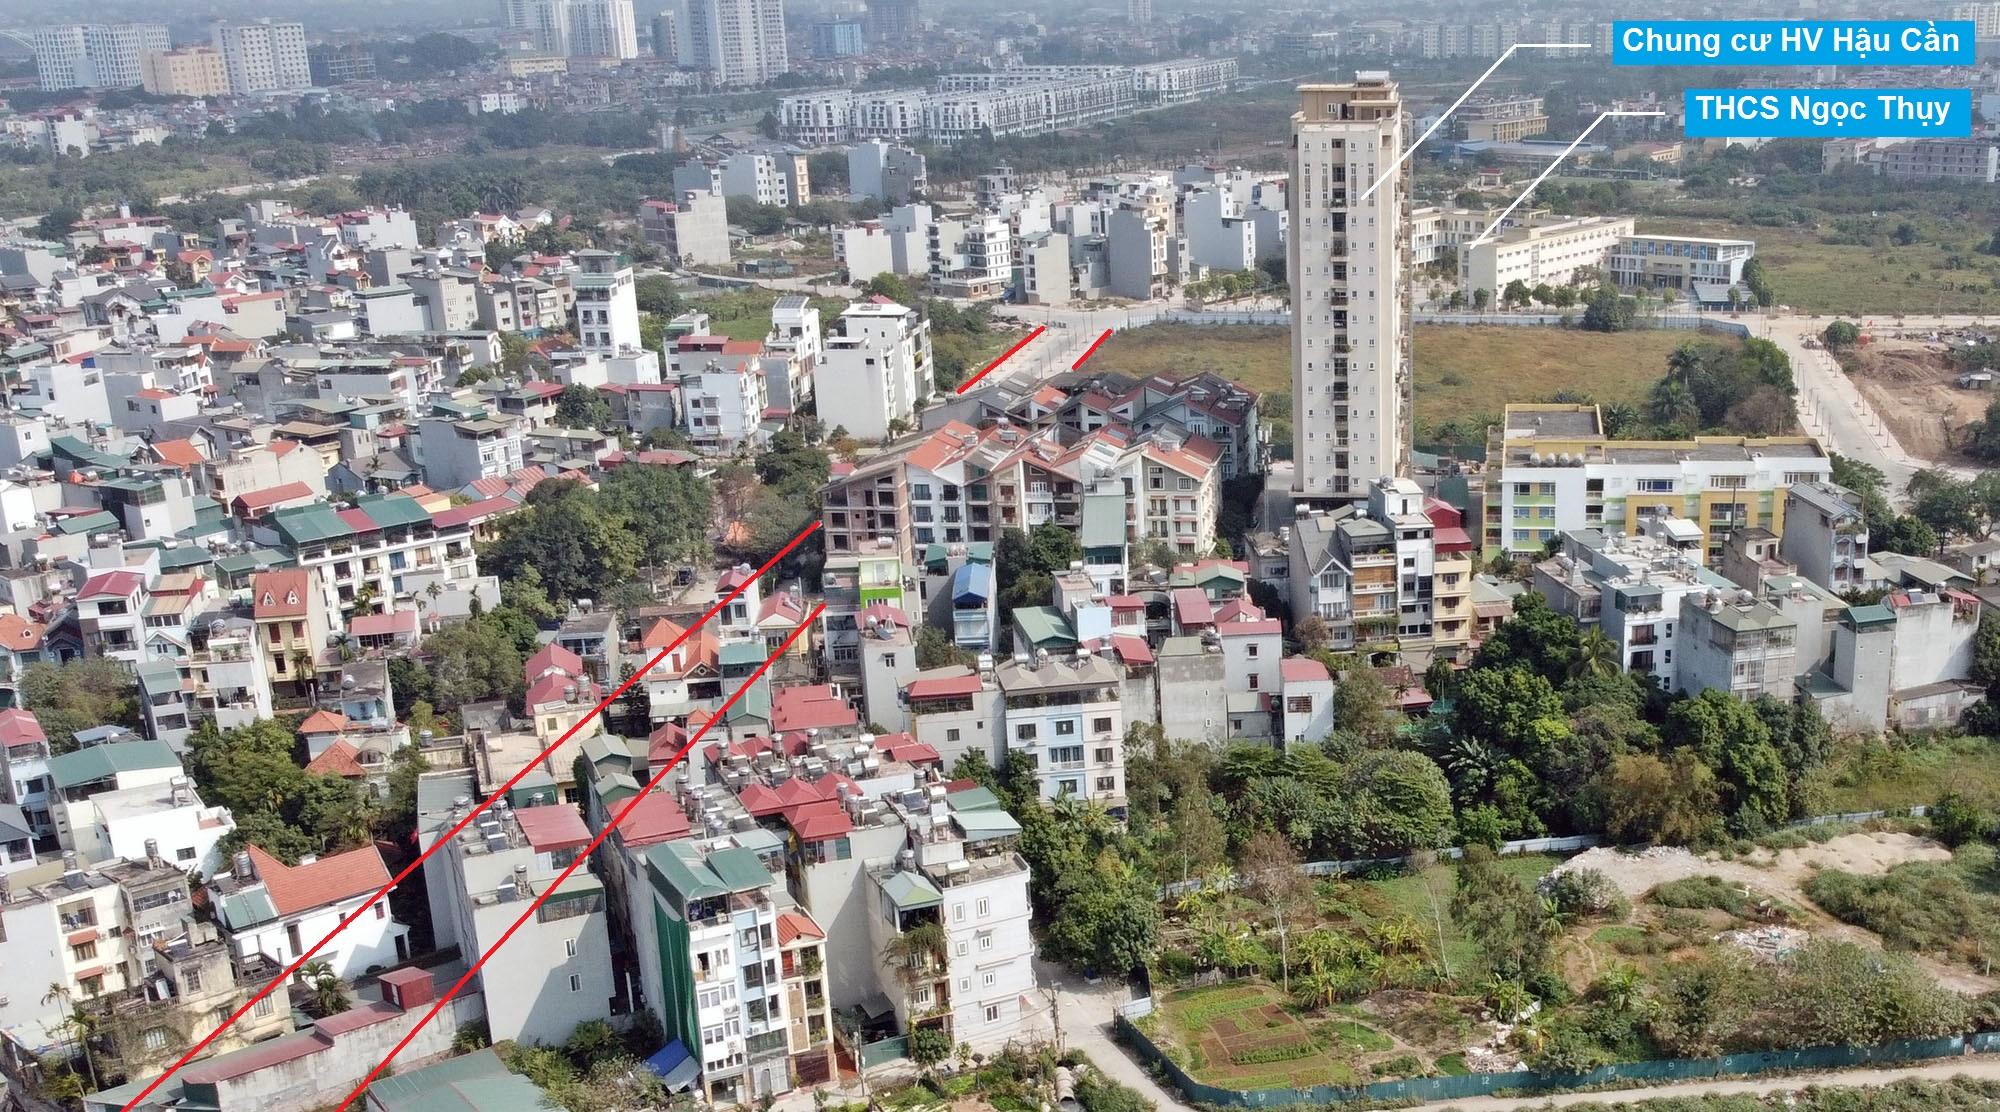 Ba đường mở theo qui hoạch ở phường Ngọc Thụy, Long Biên, Hà Nội (phần 2) - Ảnh 10.